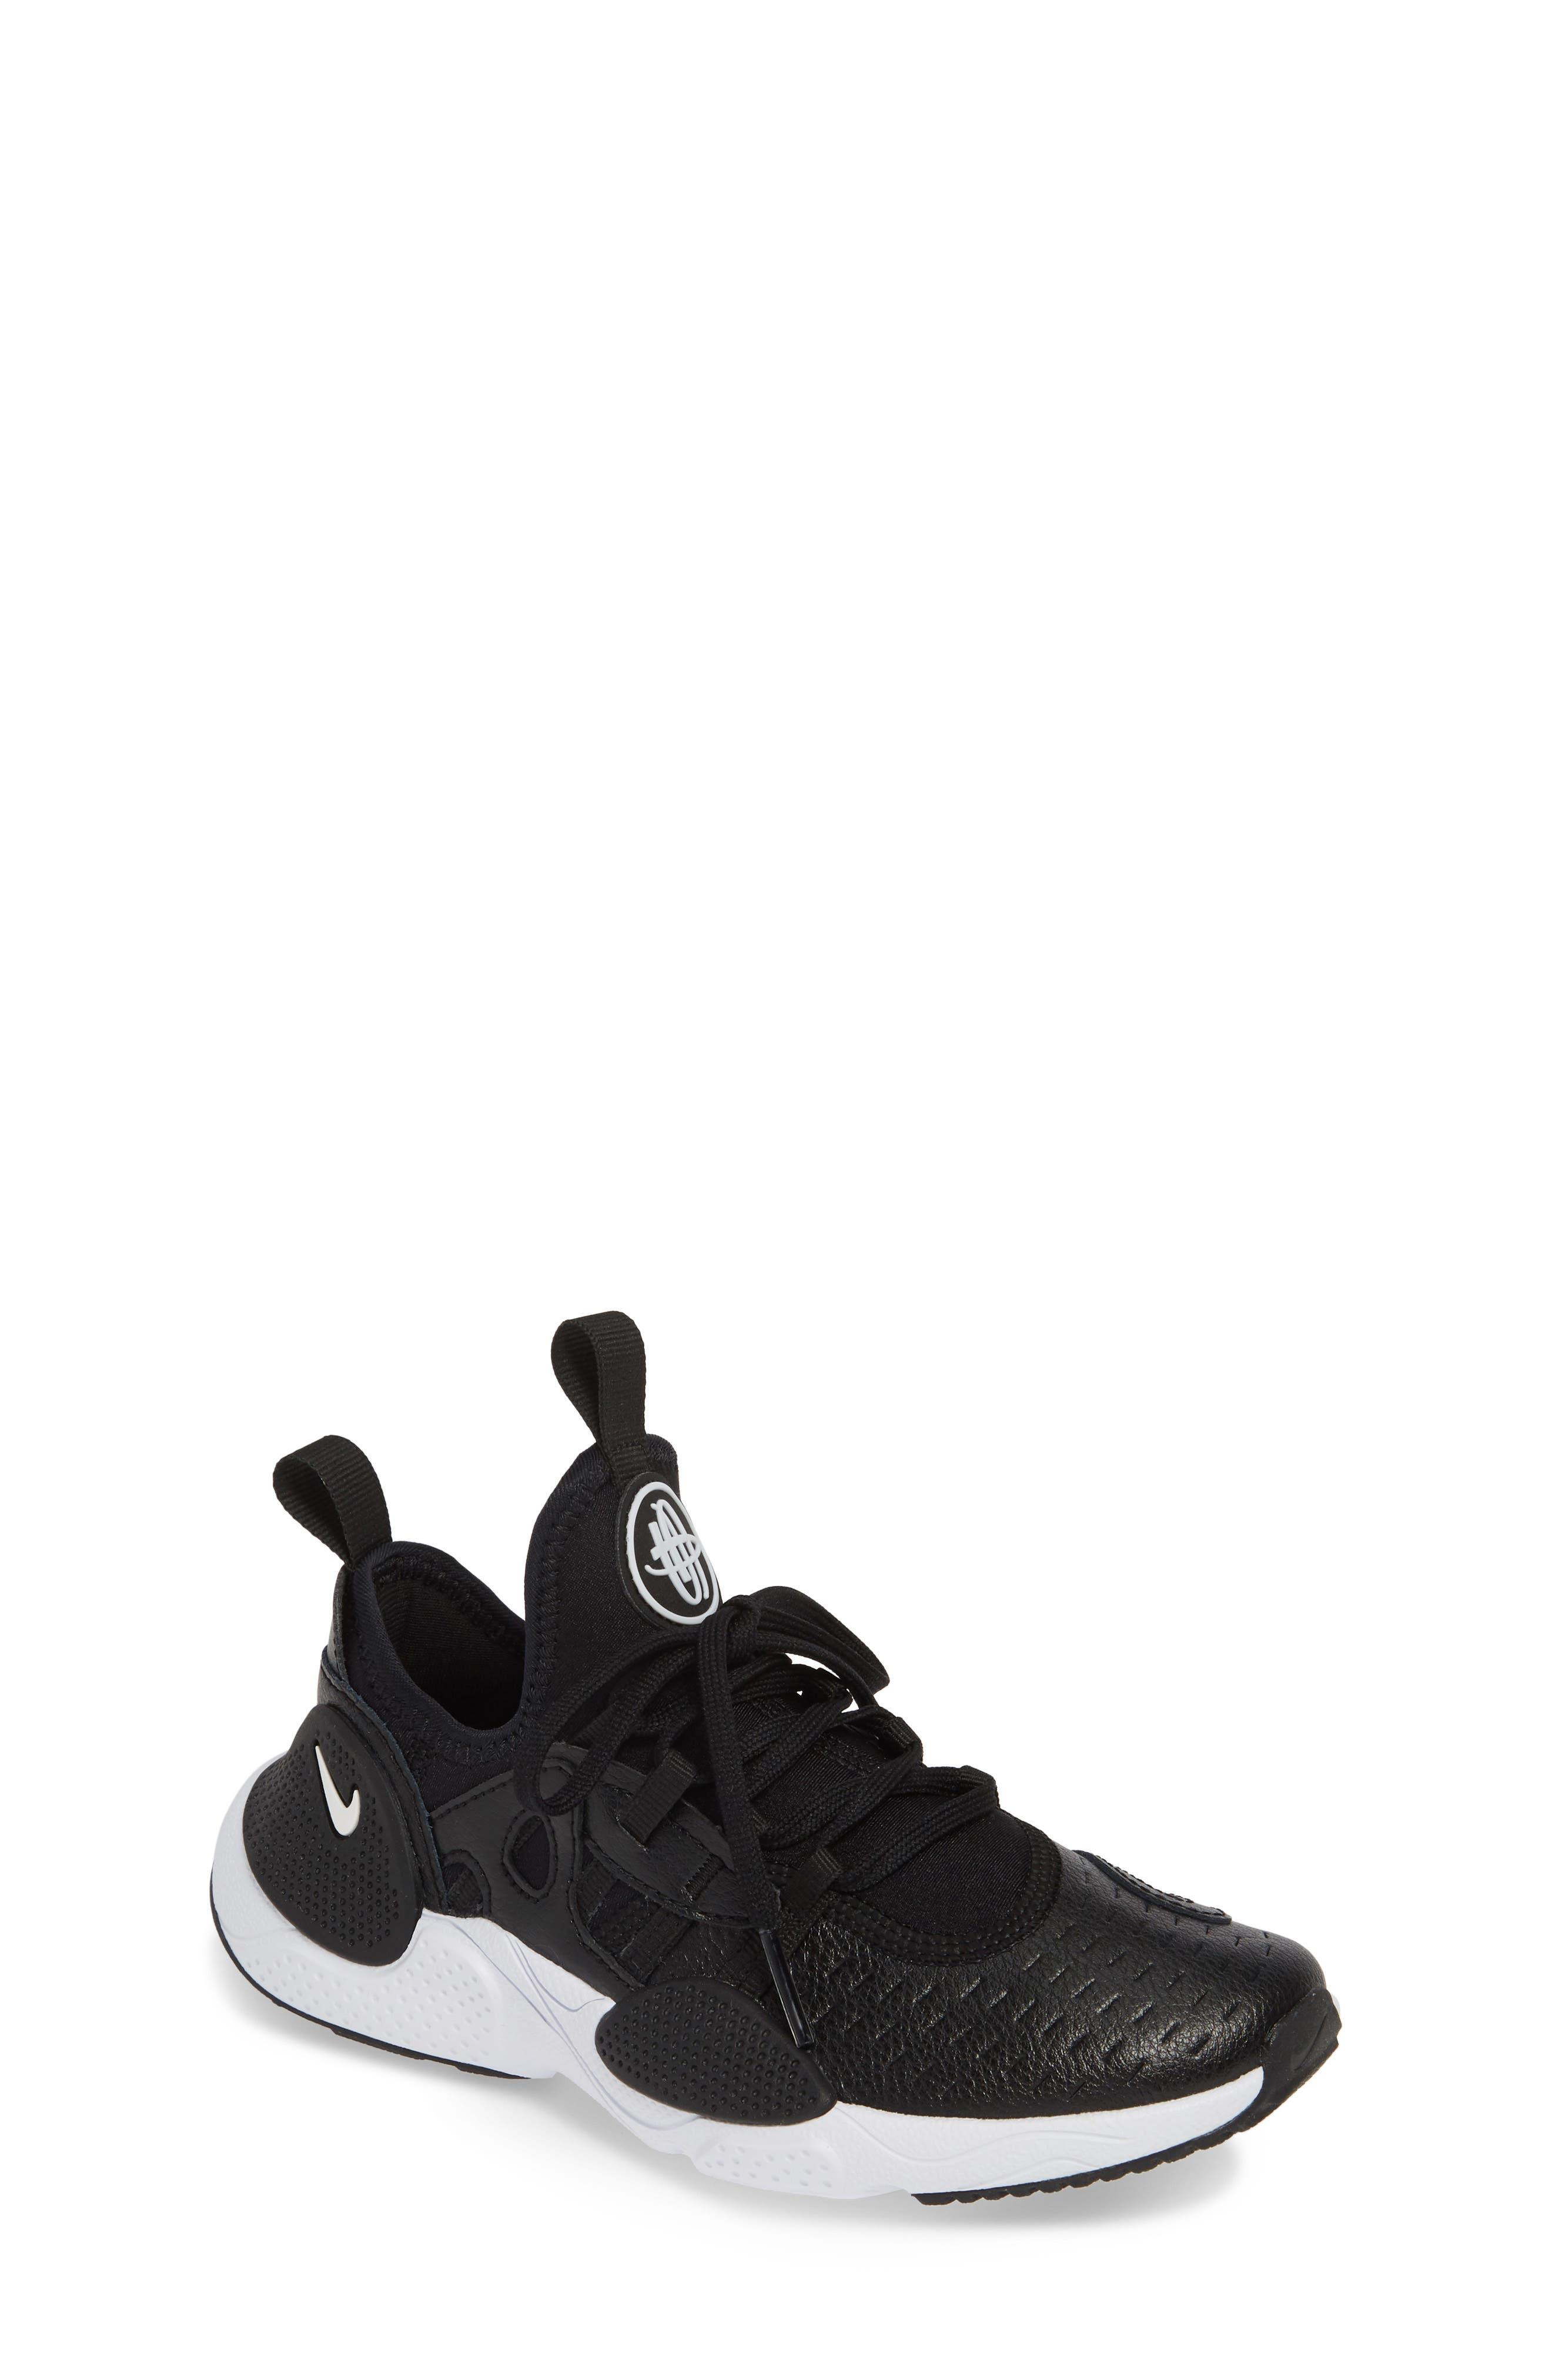 NIKE Huarache E.D.G.E. Sneaker, Main, color, BLACK/ WHITE